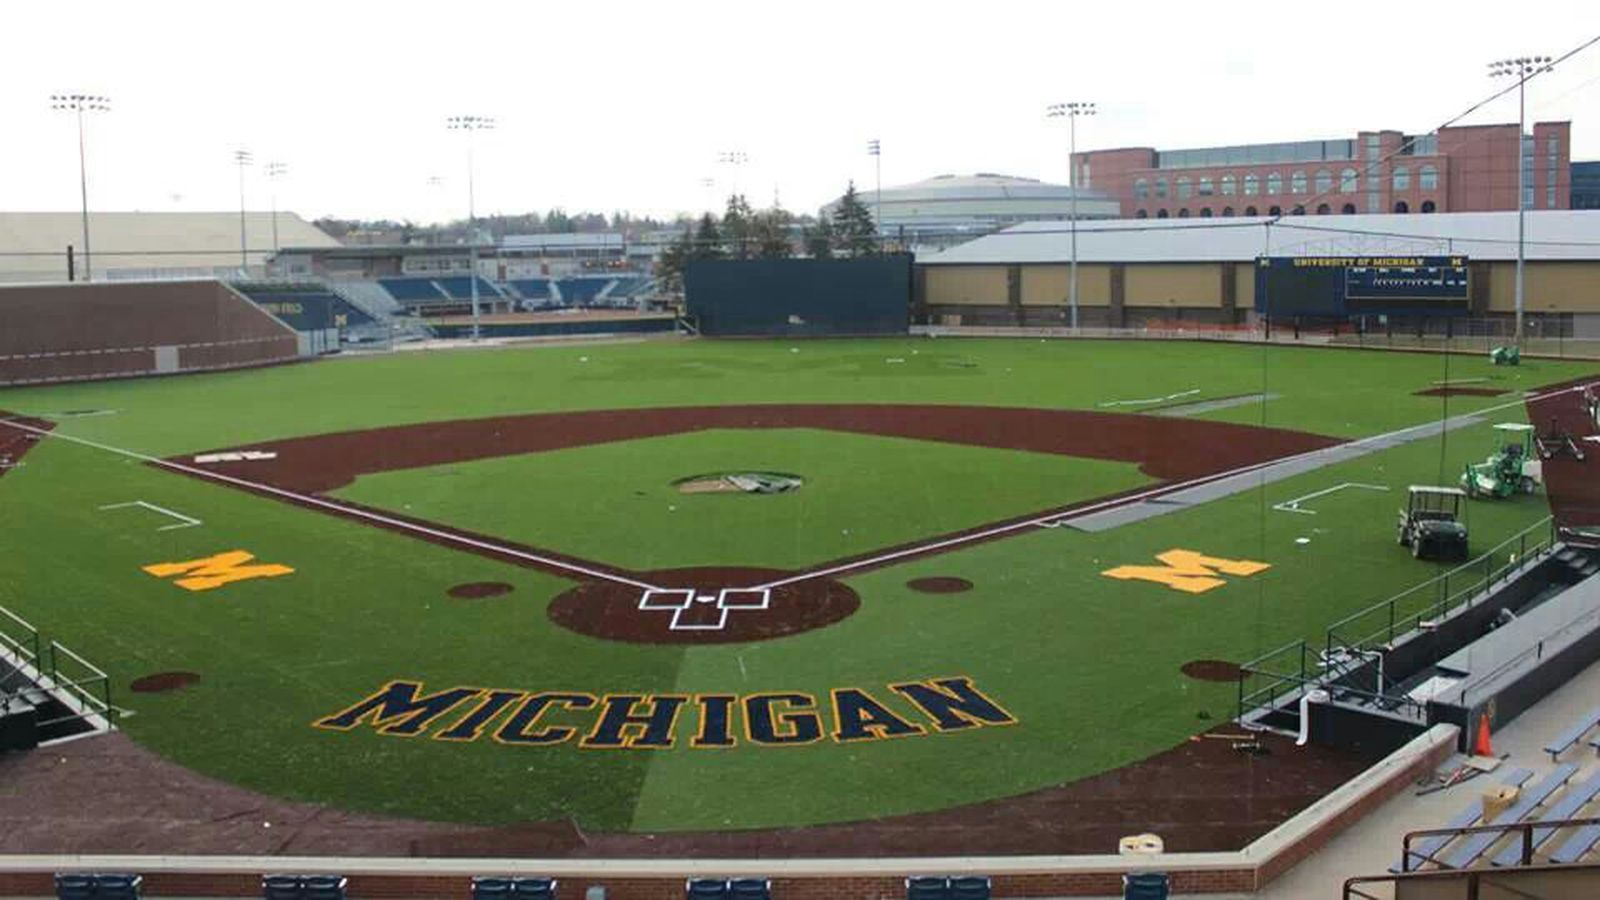 Michigan_baseball_field.0